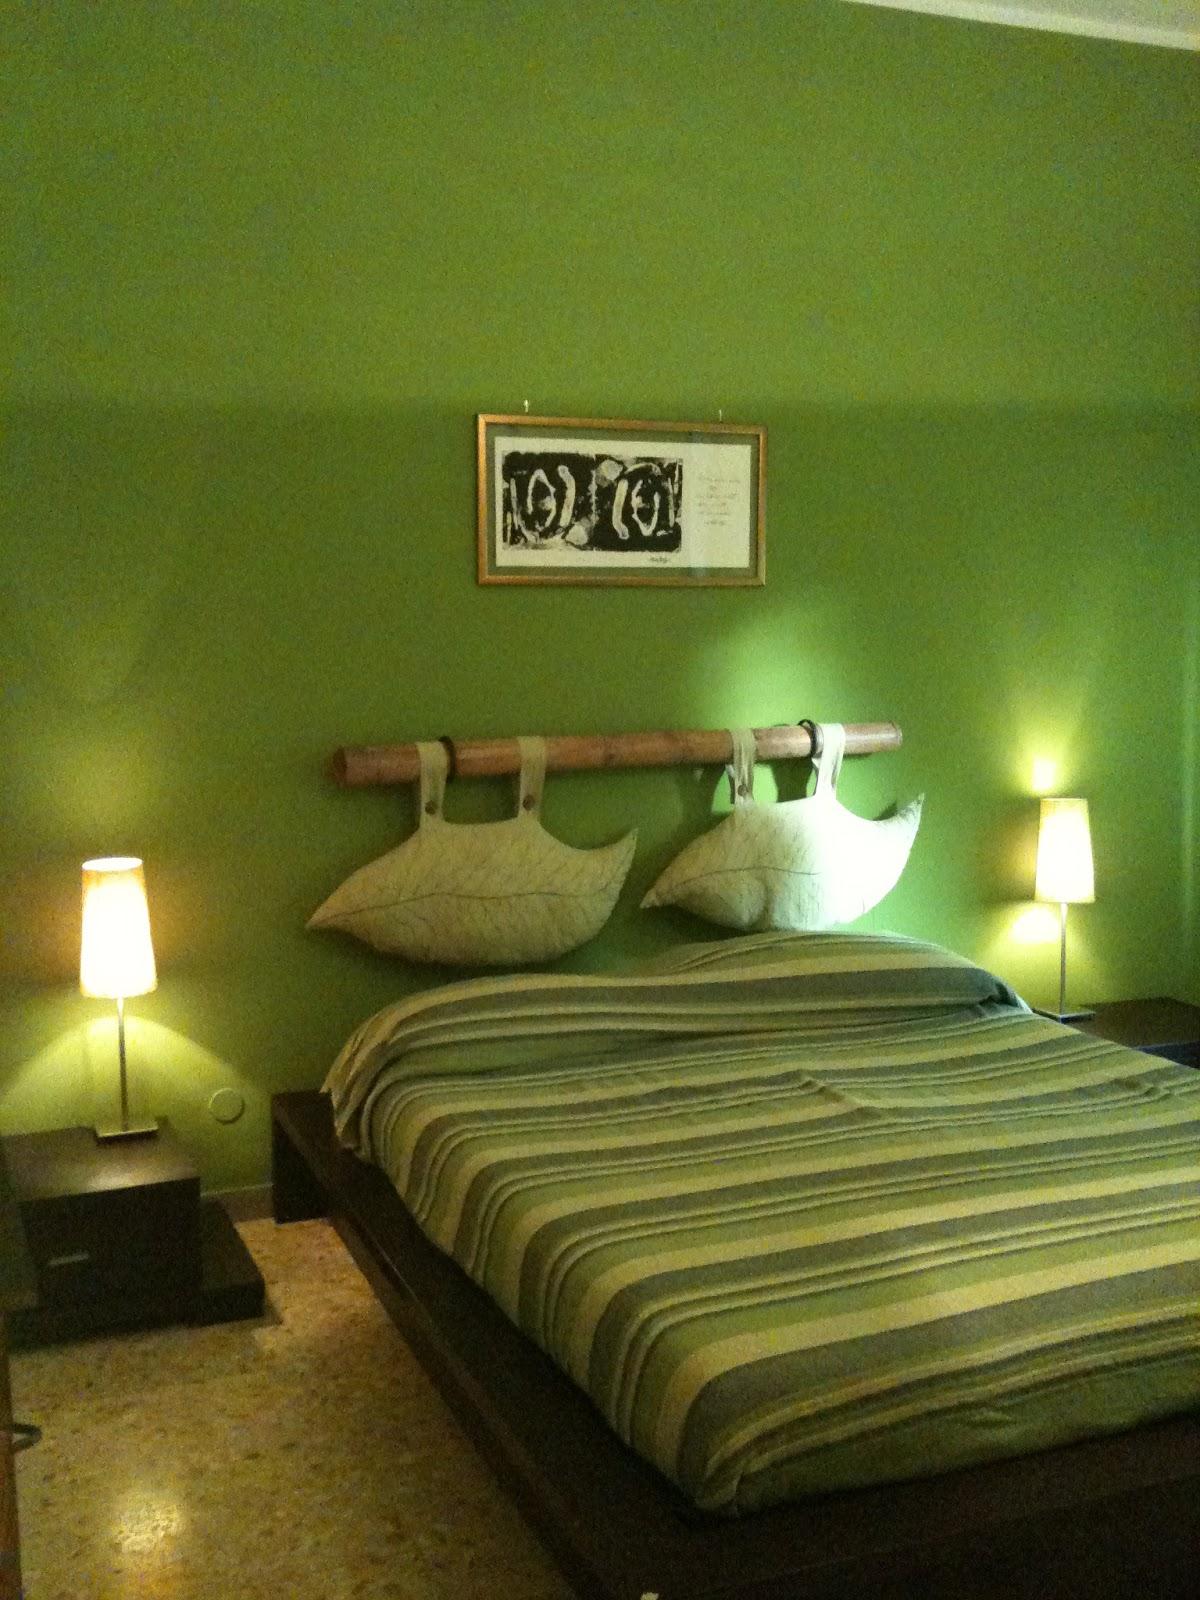 Giosssdecora la camera da letto for La camera da letto